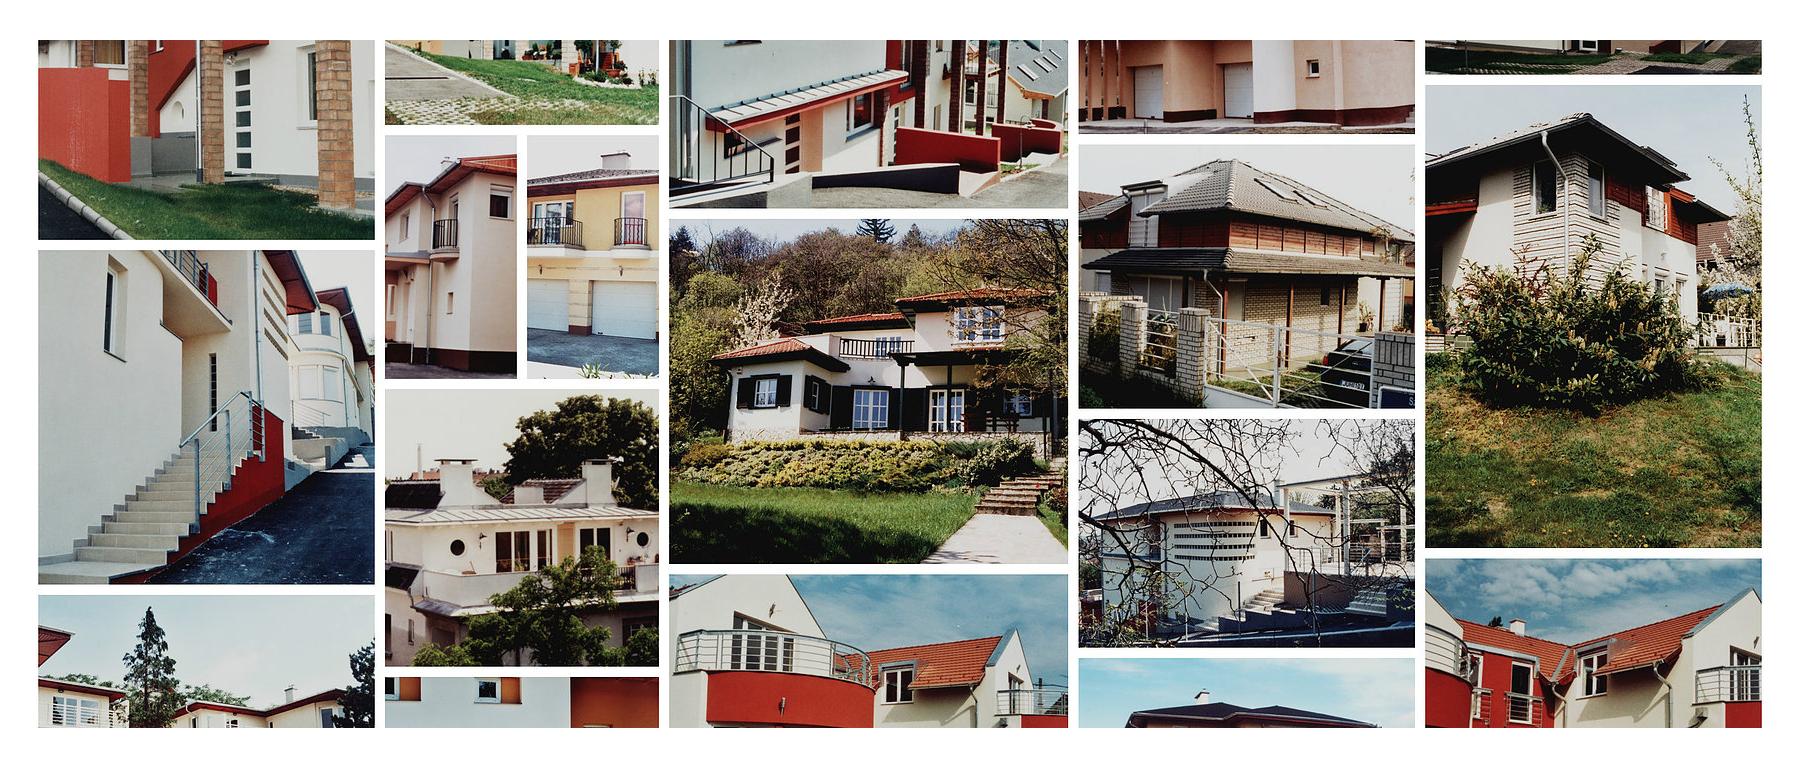 1999-2008 - Kilenc lakópark - társasház Budapesten és környékén